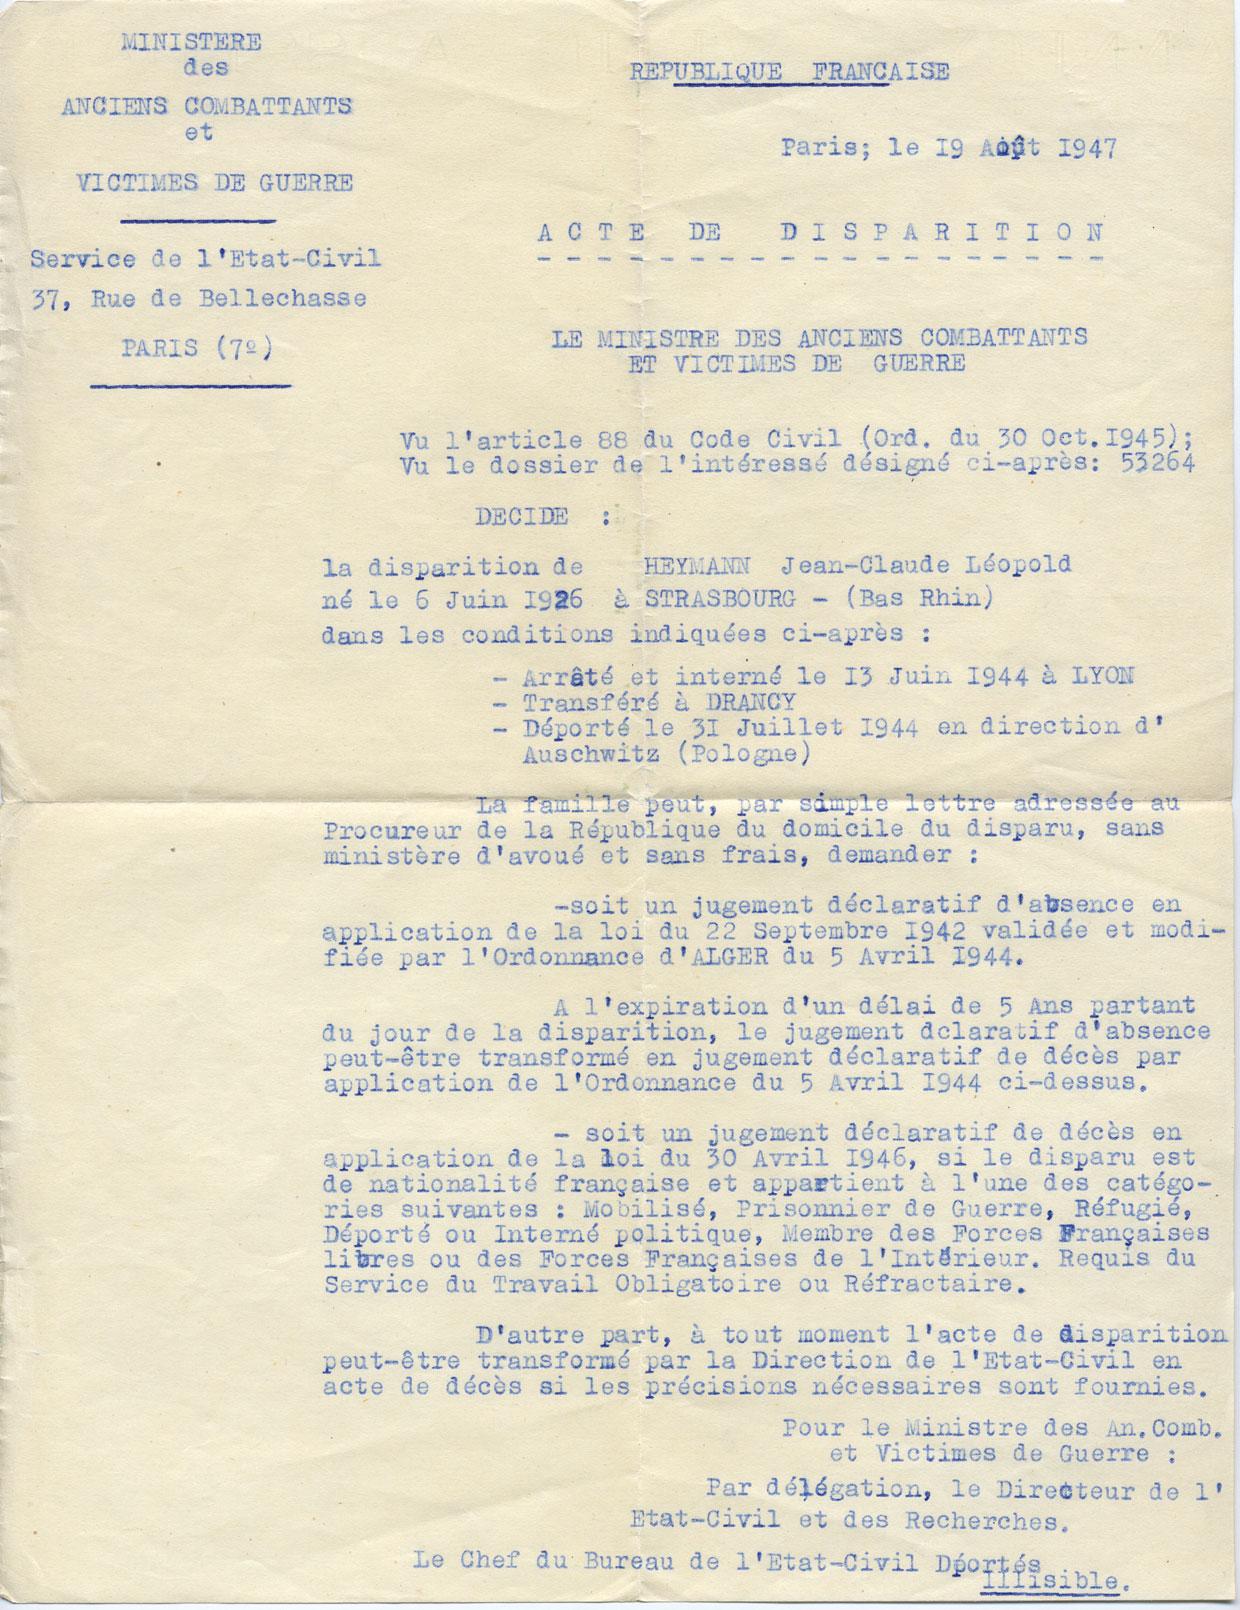 Acte de disparition de Jean-Claude, Heymann, Lyon